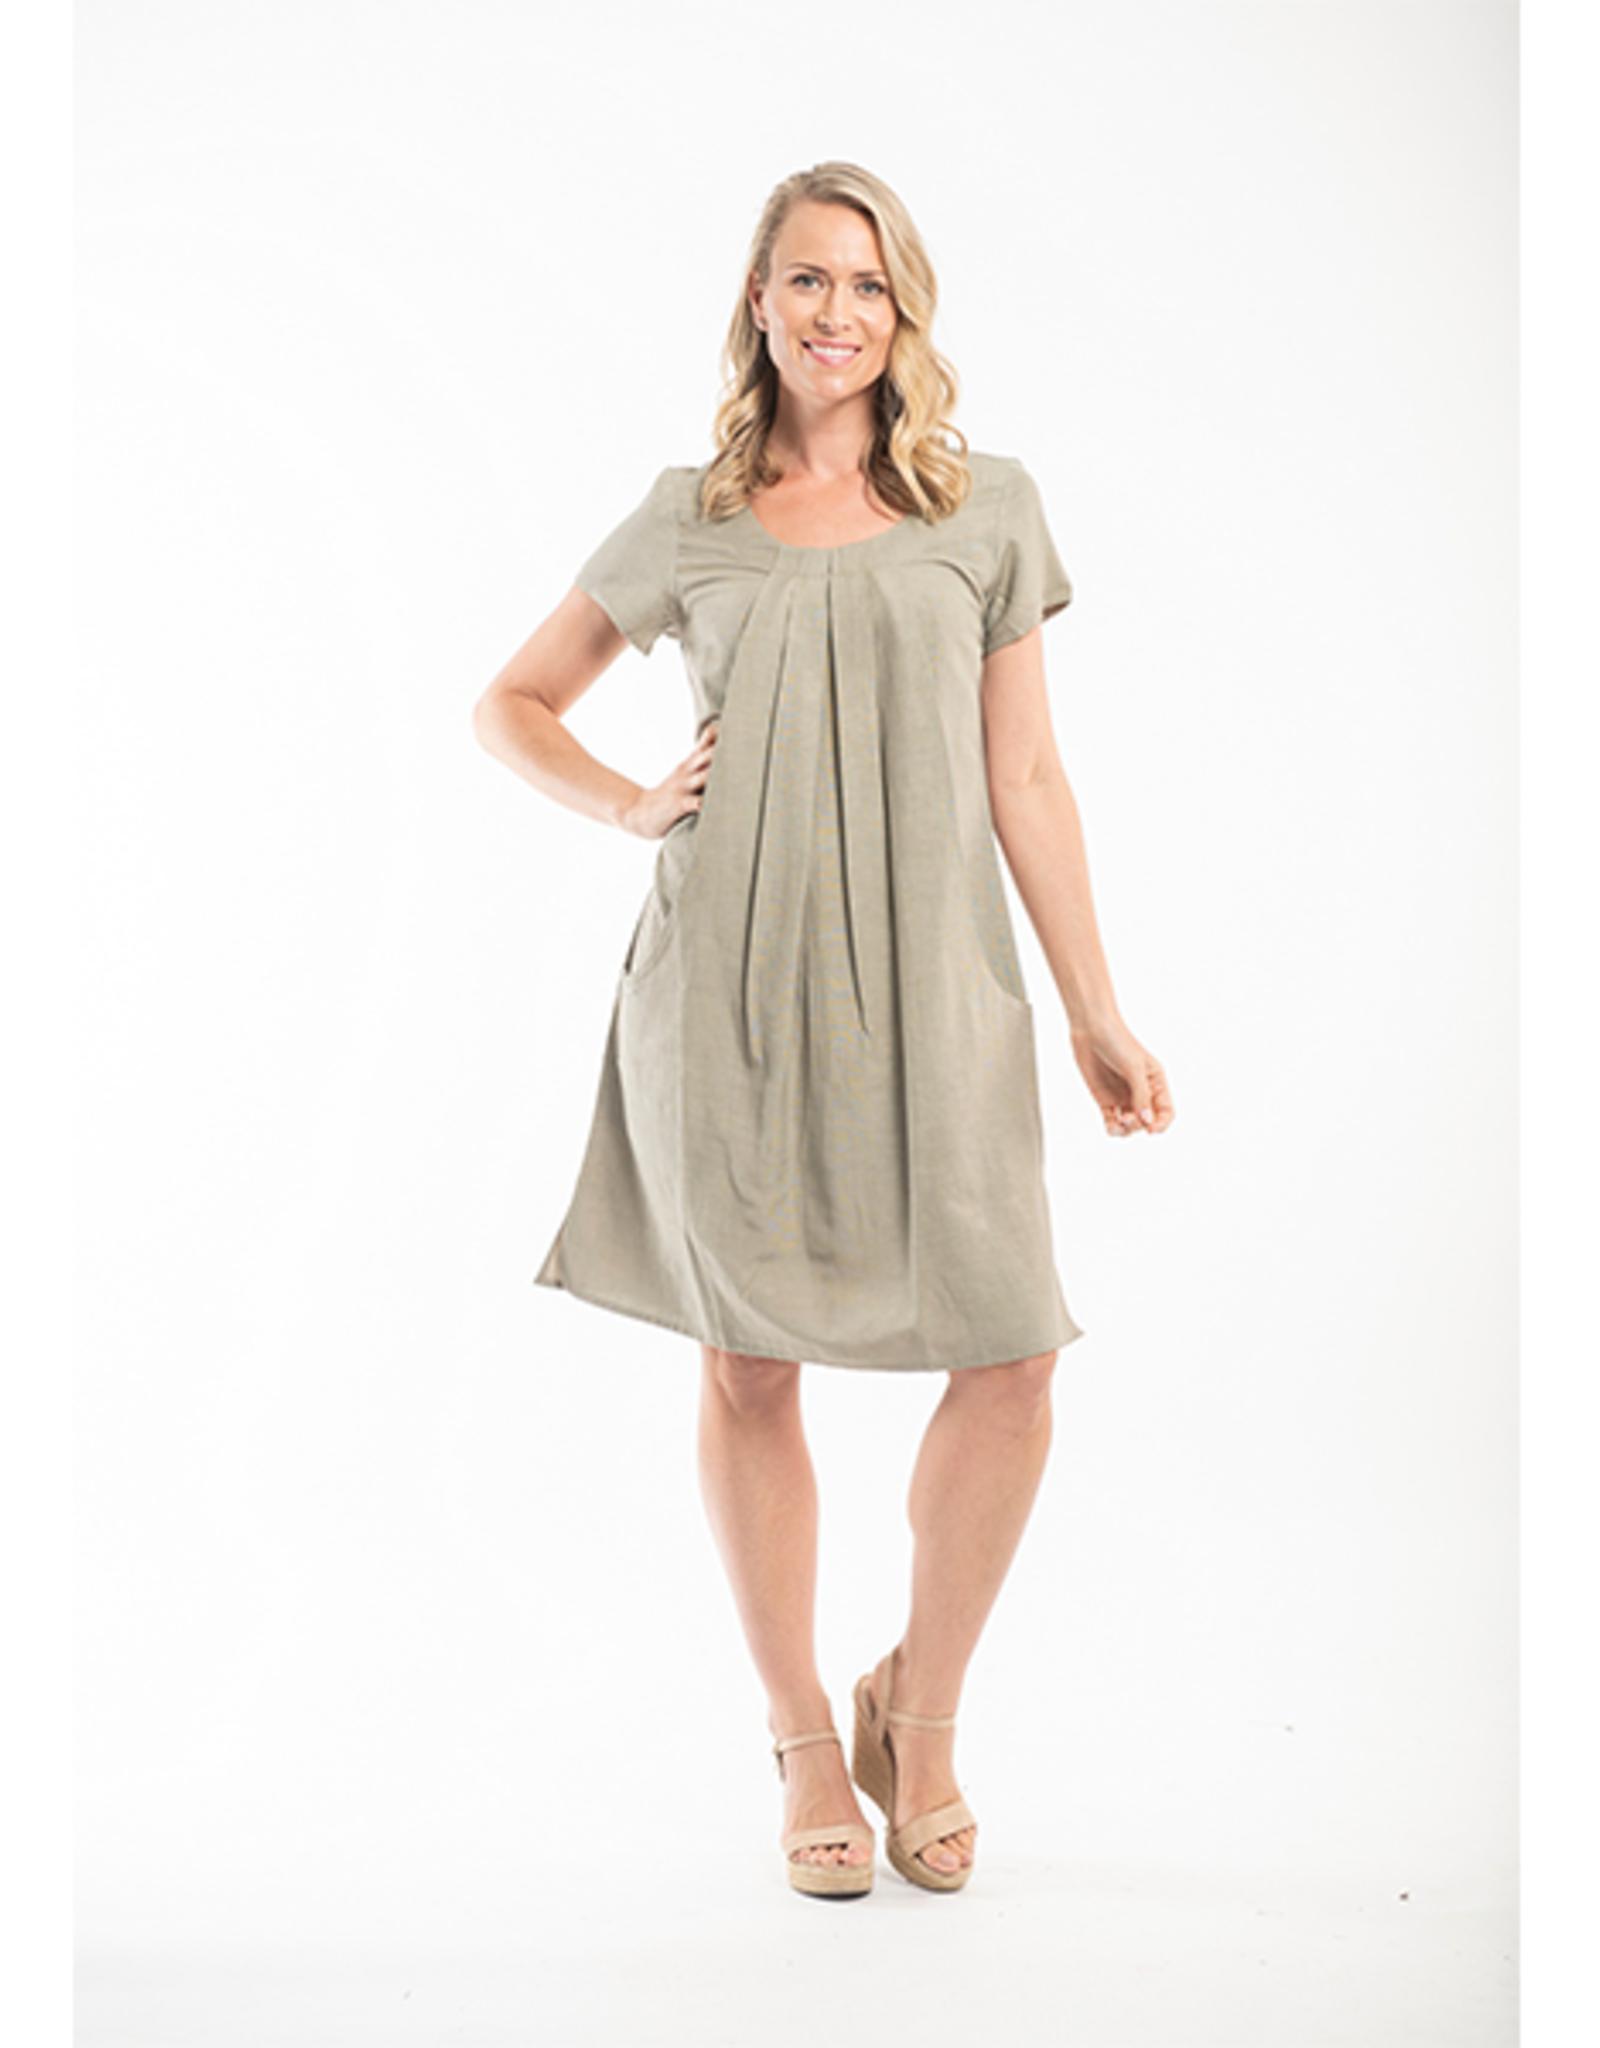 Orientique Essentials Linen Dress in Olive